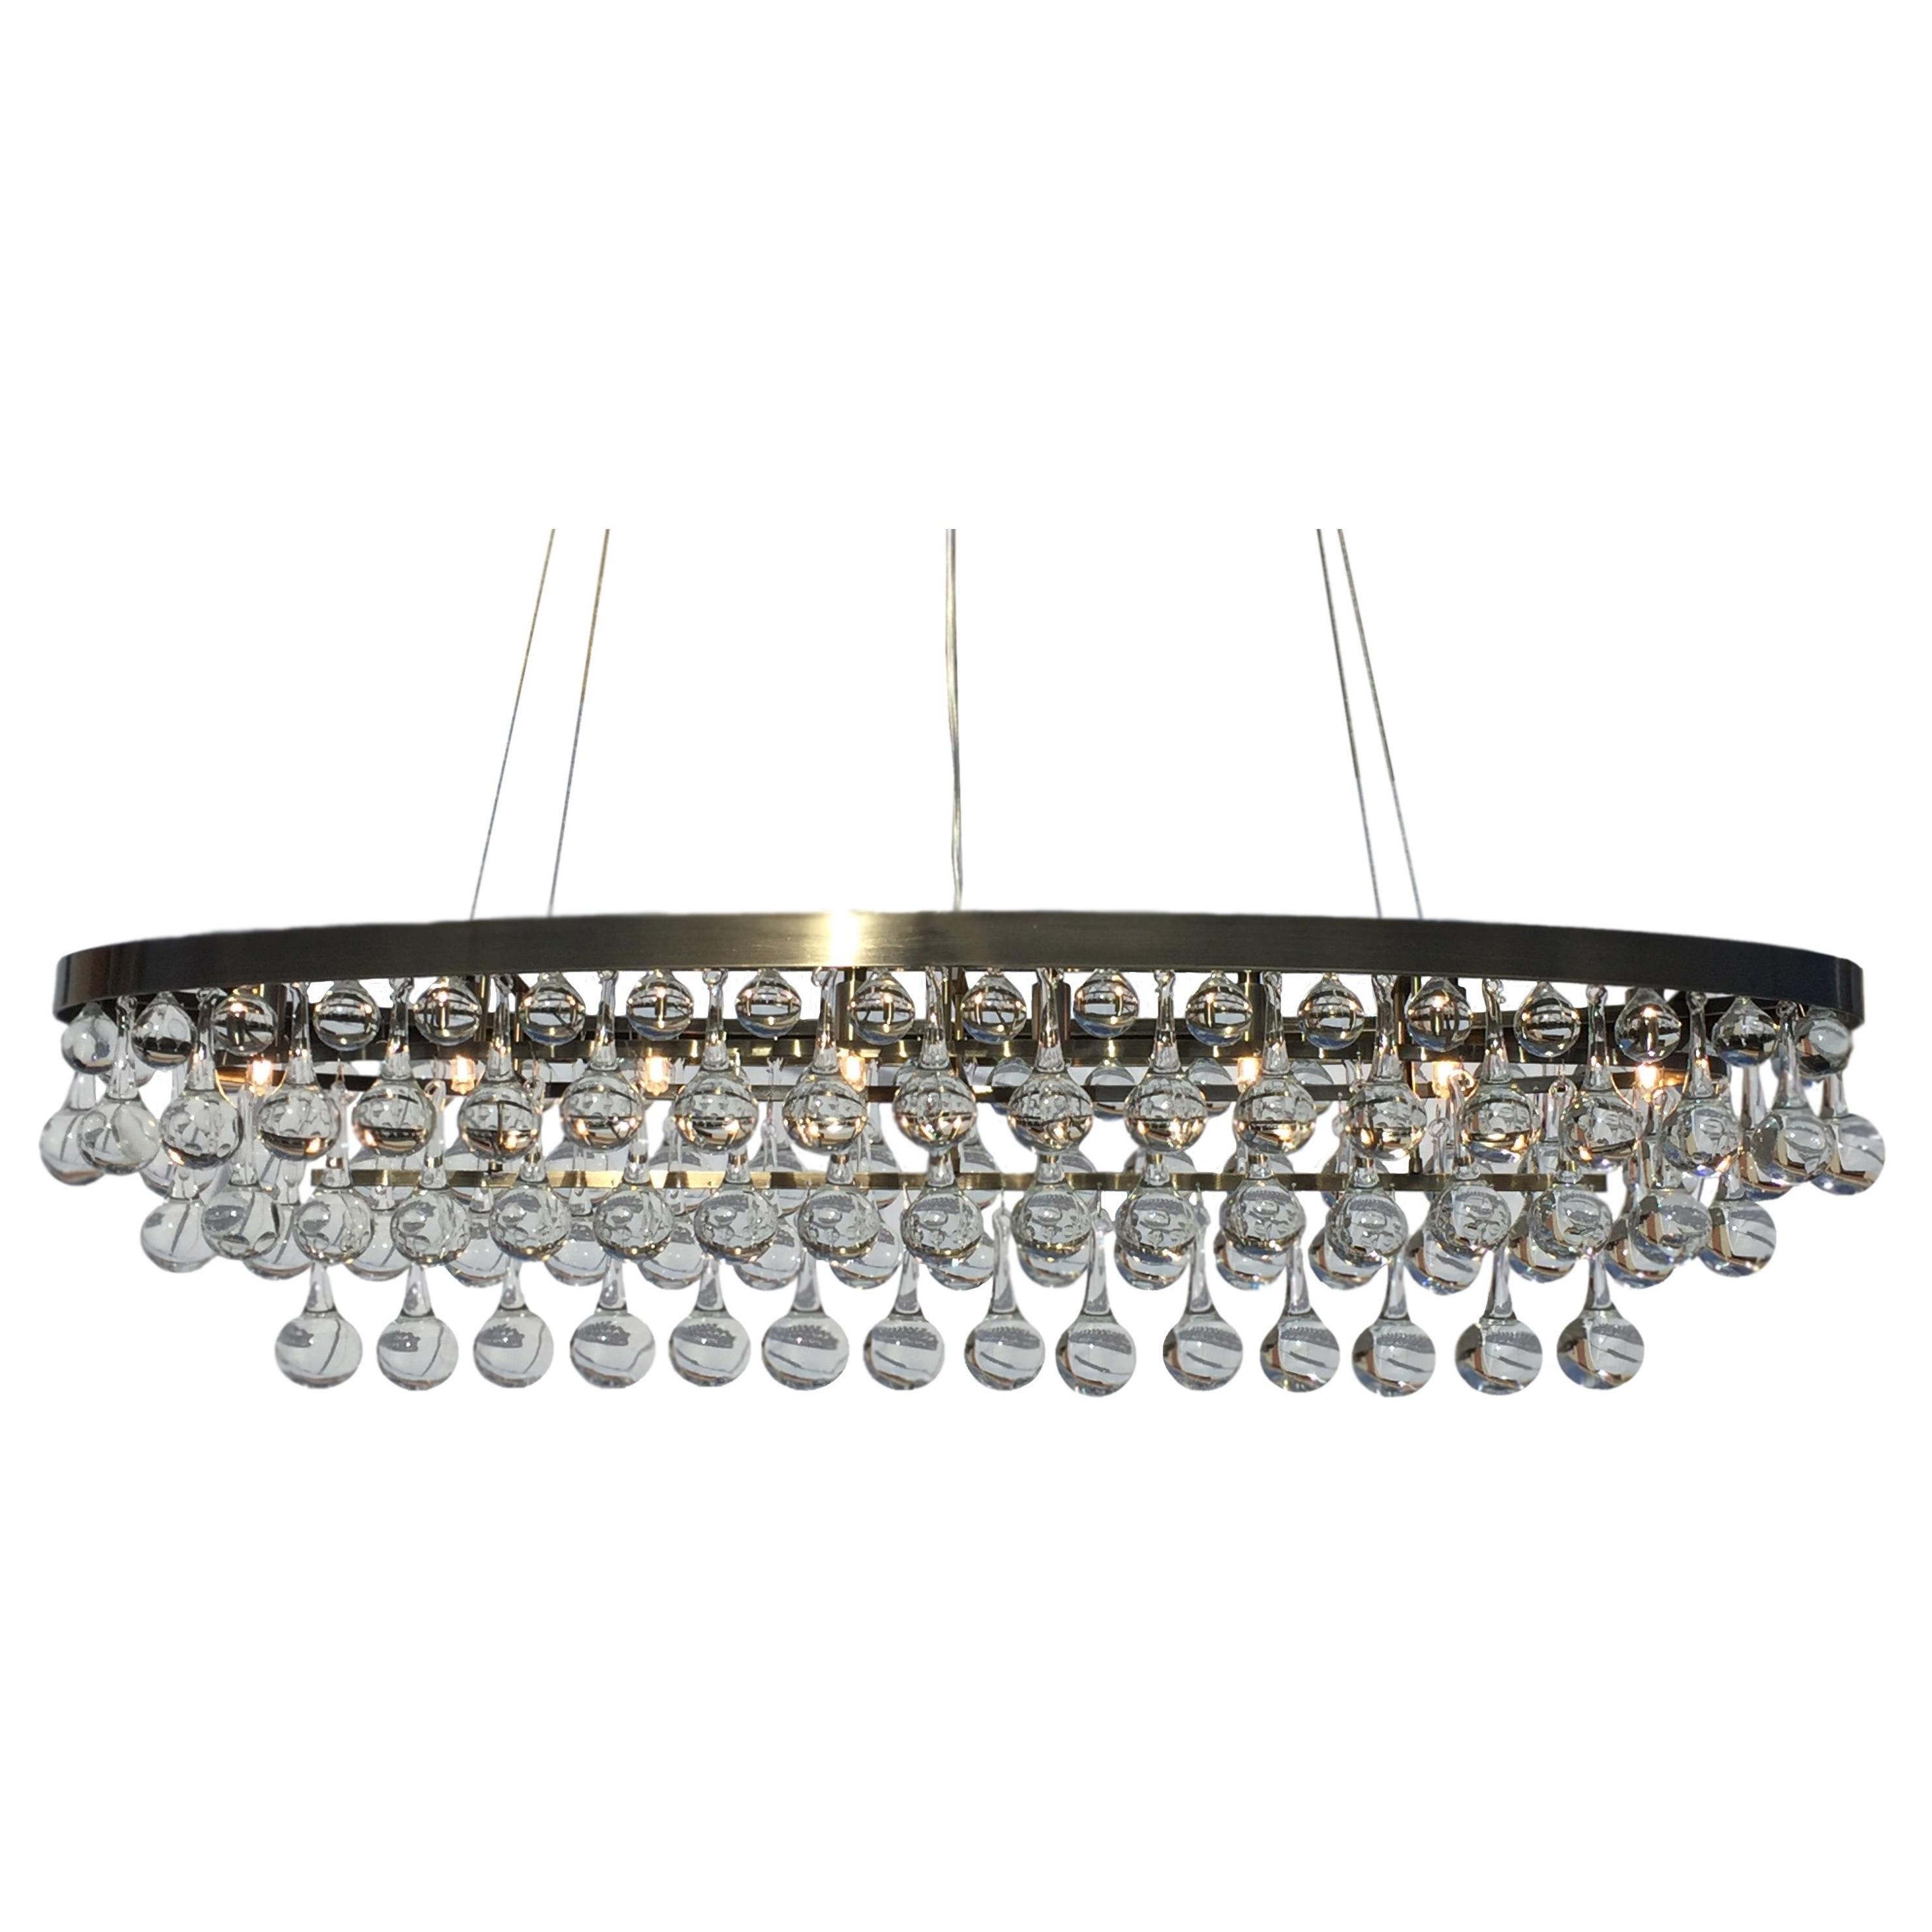 sculptures lr rectangular crystal clear large lighting chandelier light